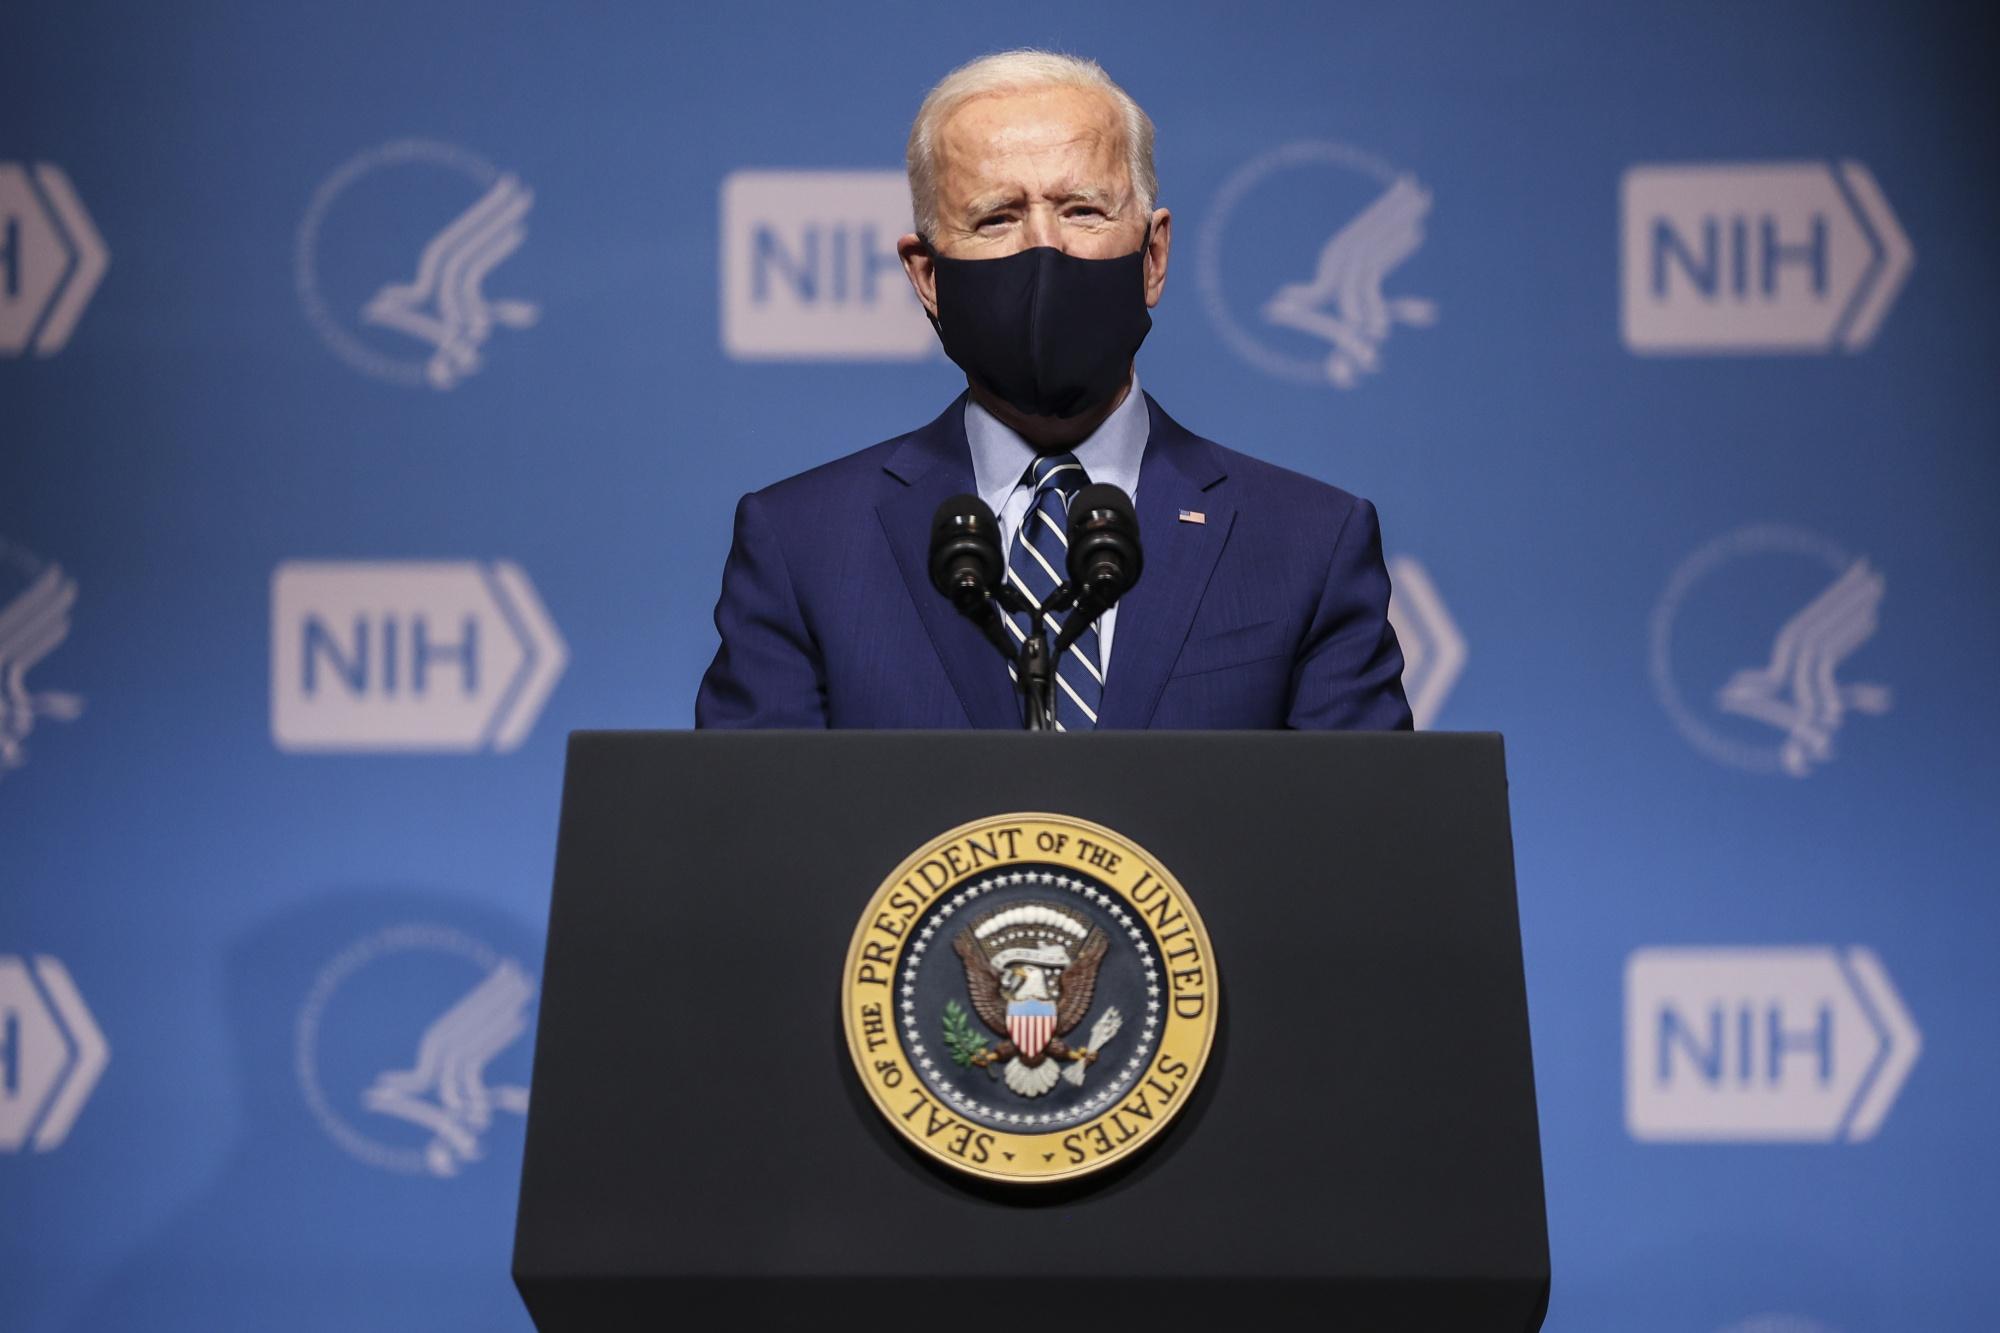 Le président Biden visite les instituts nationaux de la santé